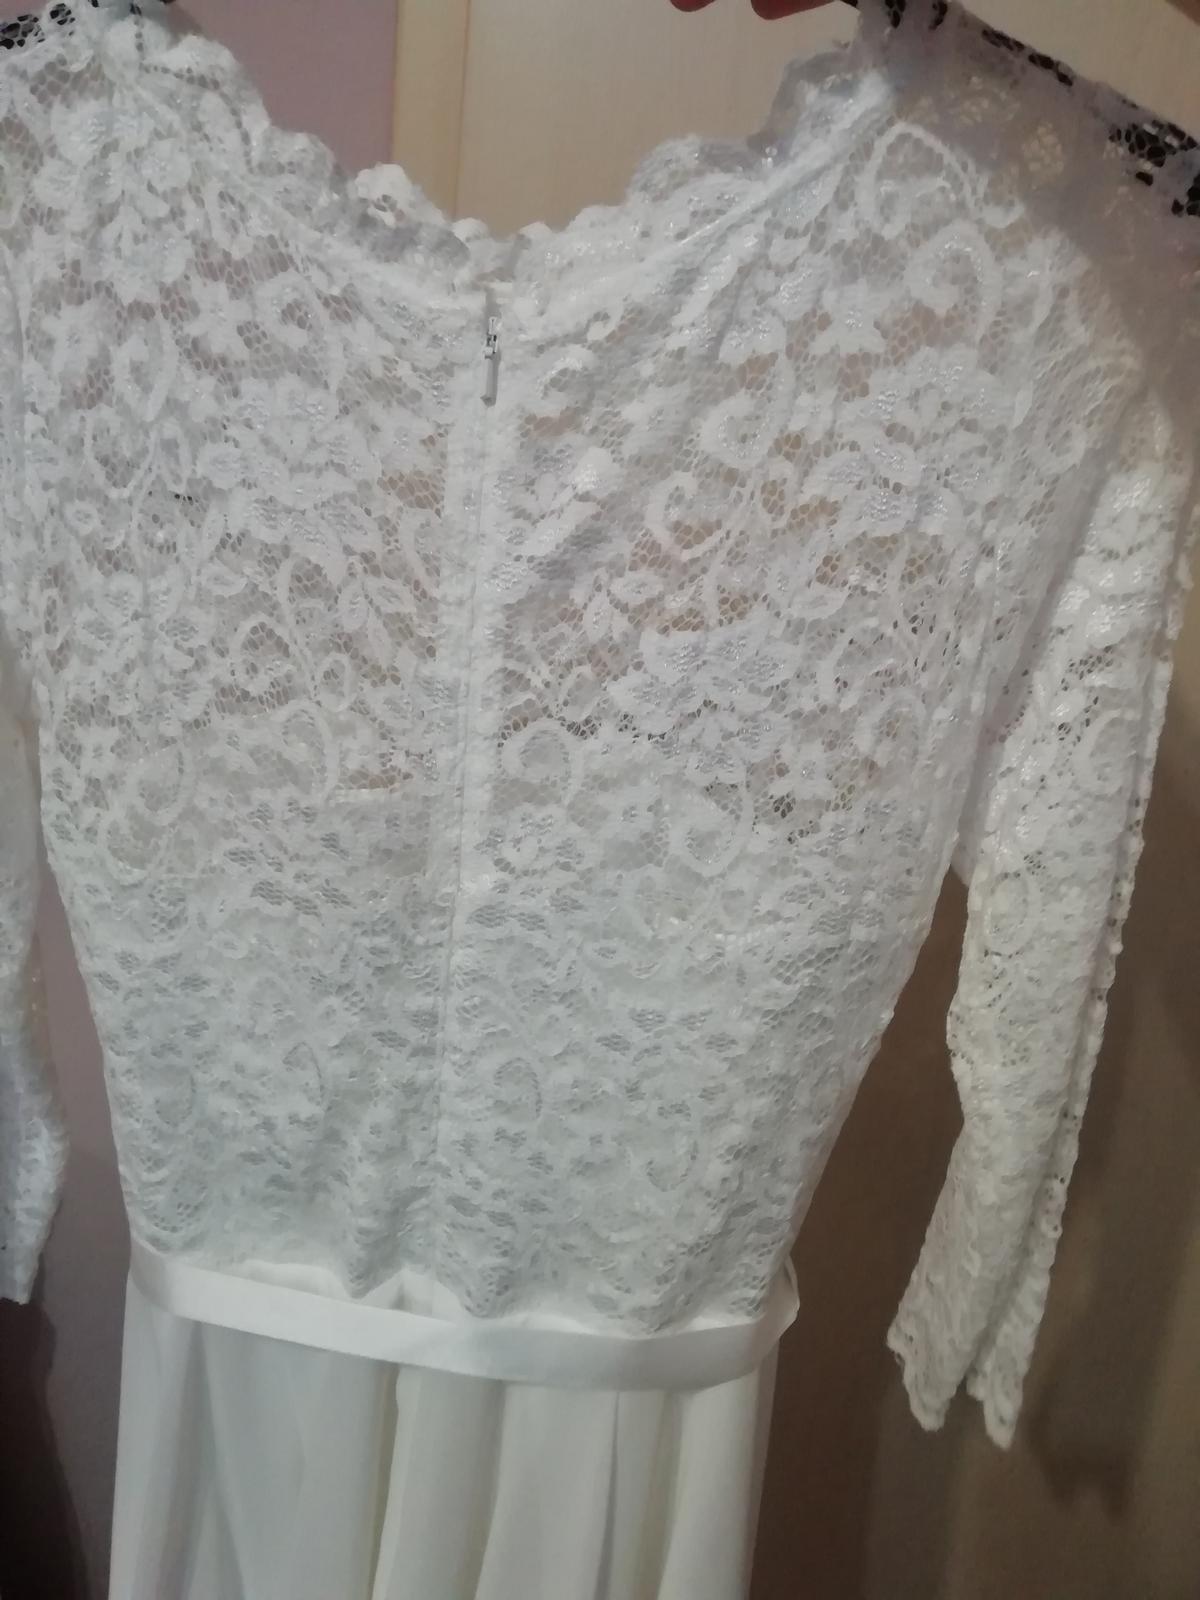 kratke svadobne šaty SWING - Obrázok č. 3